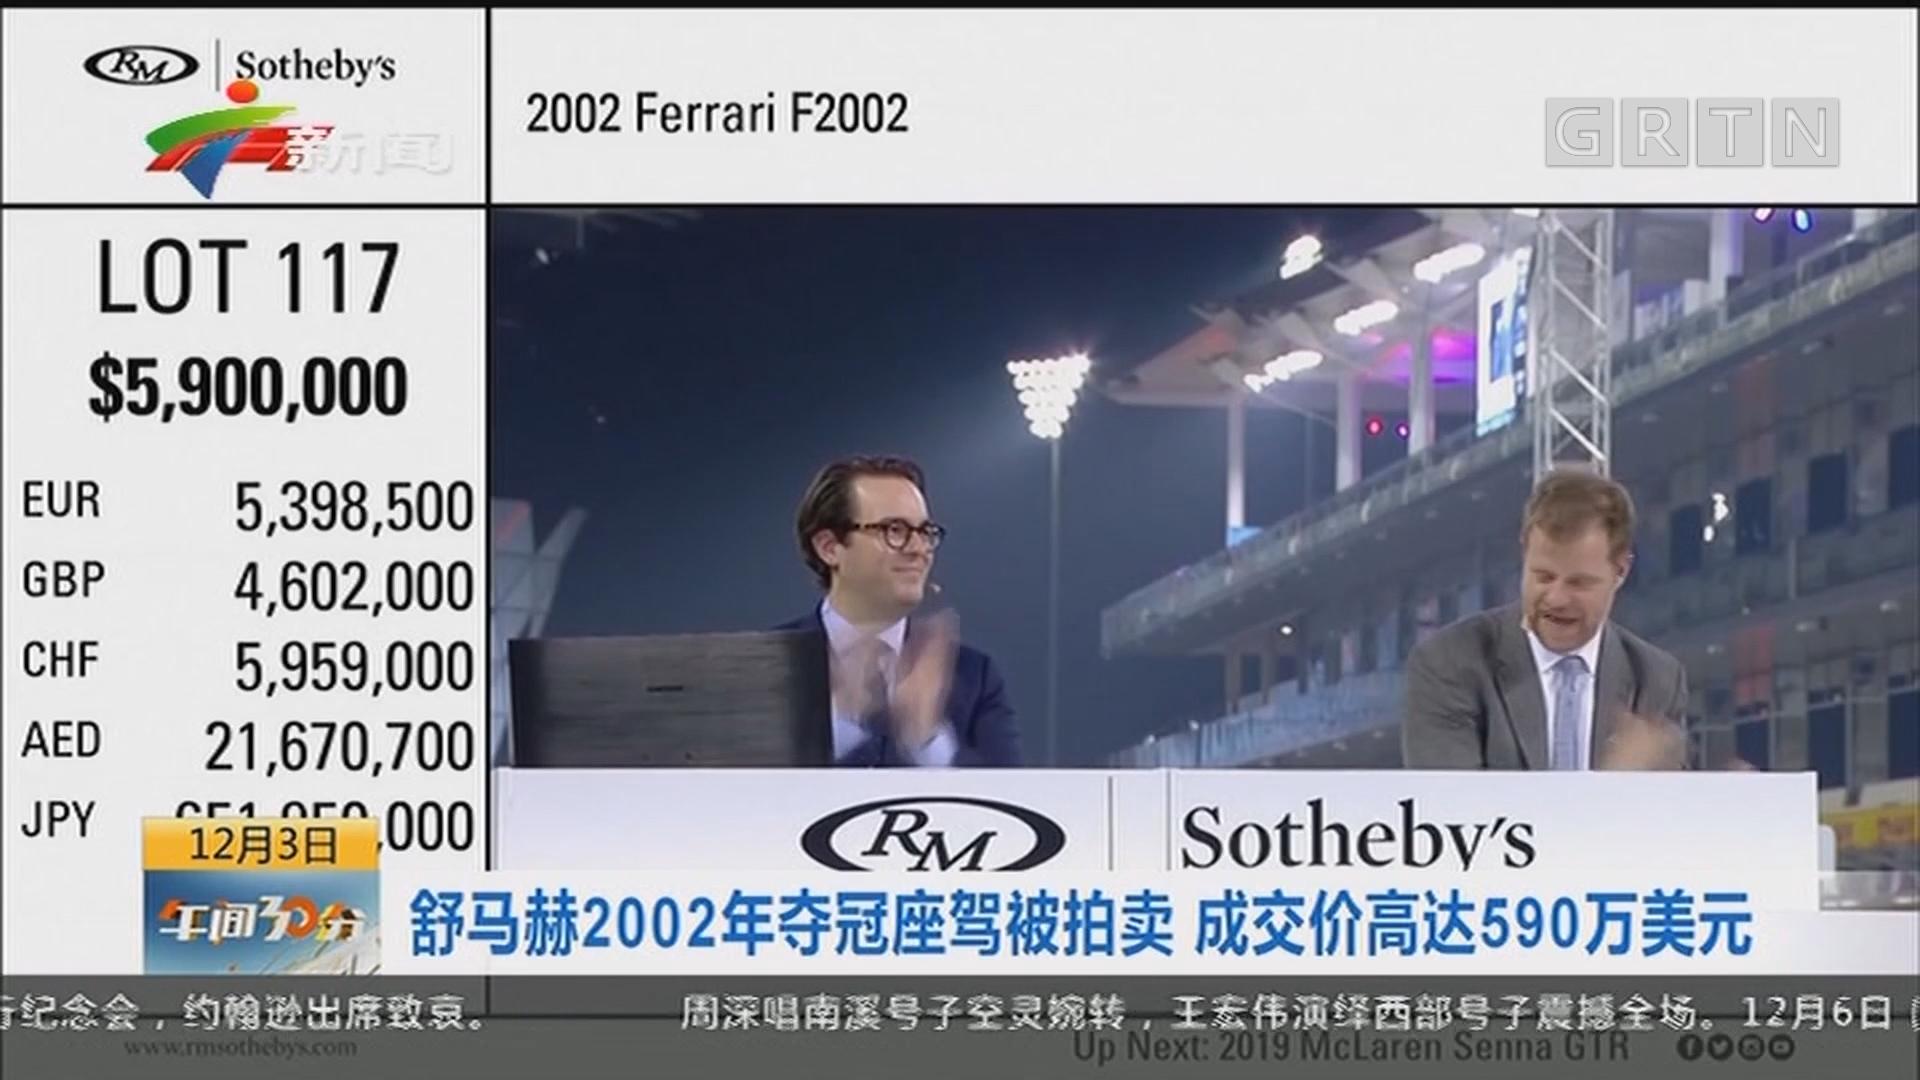 舒马赫2002年夺冠座驾被拍卖 成交价高达590万美元